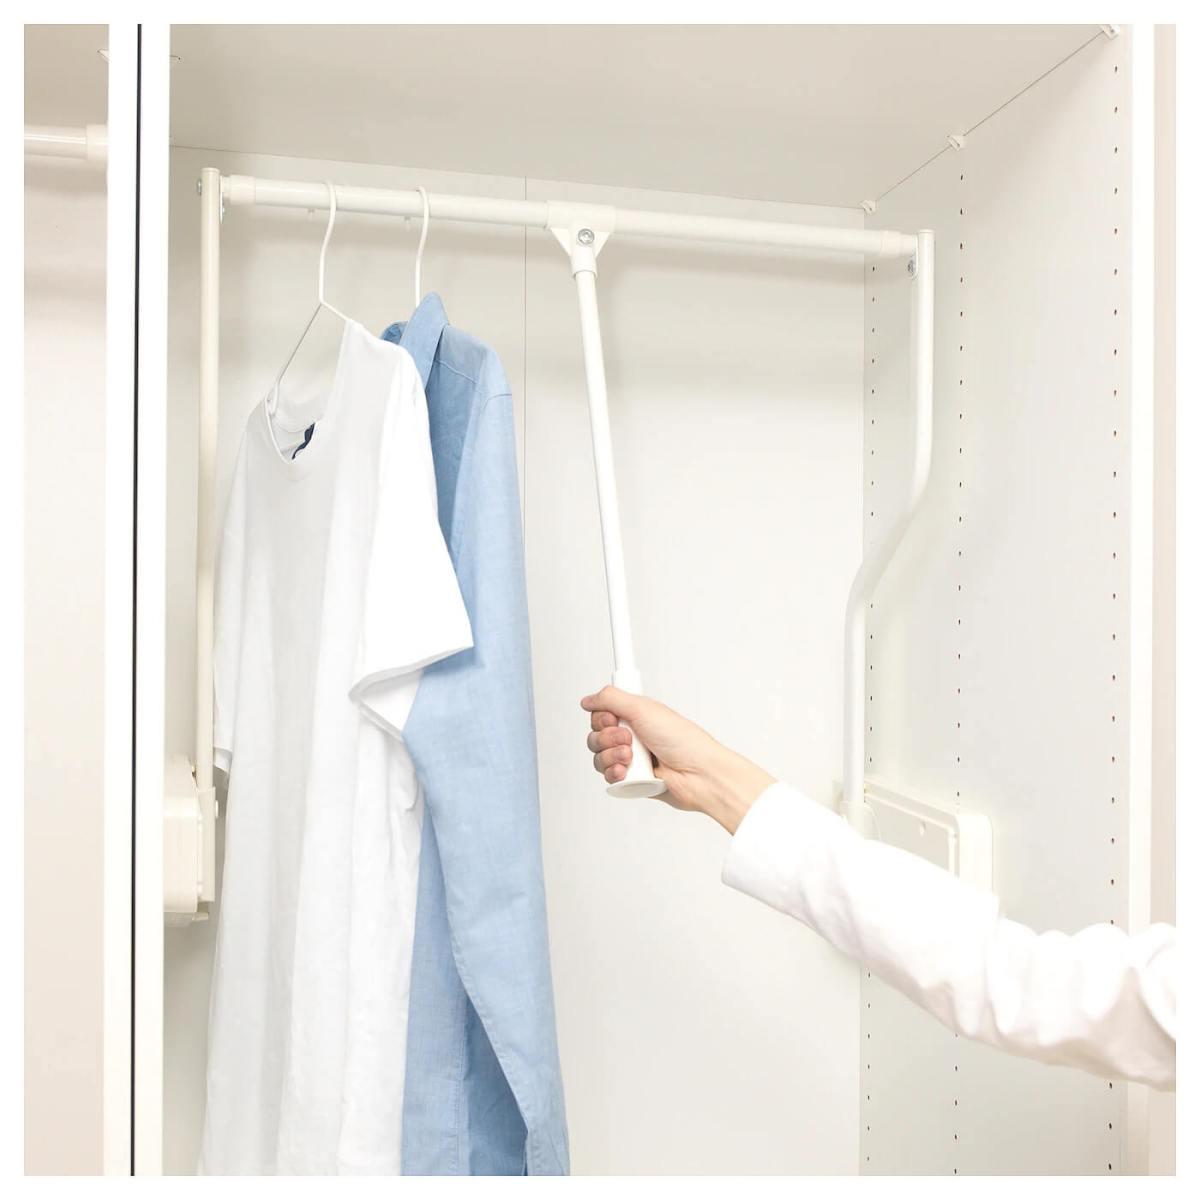 ราศีของคุณเหมาะกับแบบตู้เสื้อผ้า IKEA PAX ชุดไหนใช้เฮง เอ๊าาา นี่วิเคราะห์จริงจังนะ 29 - Bedroom